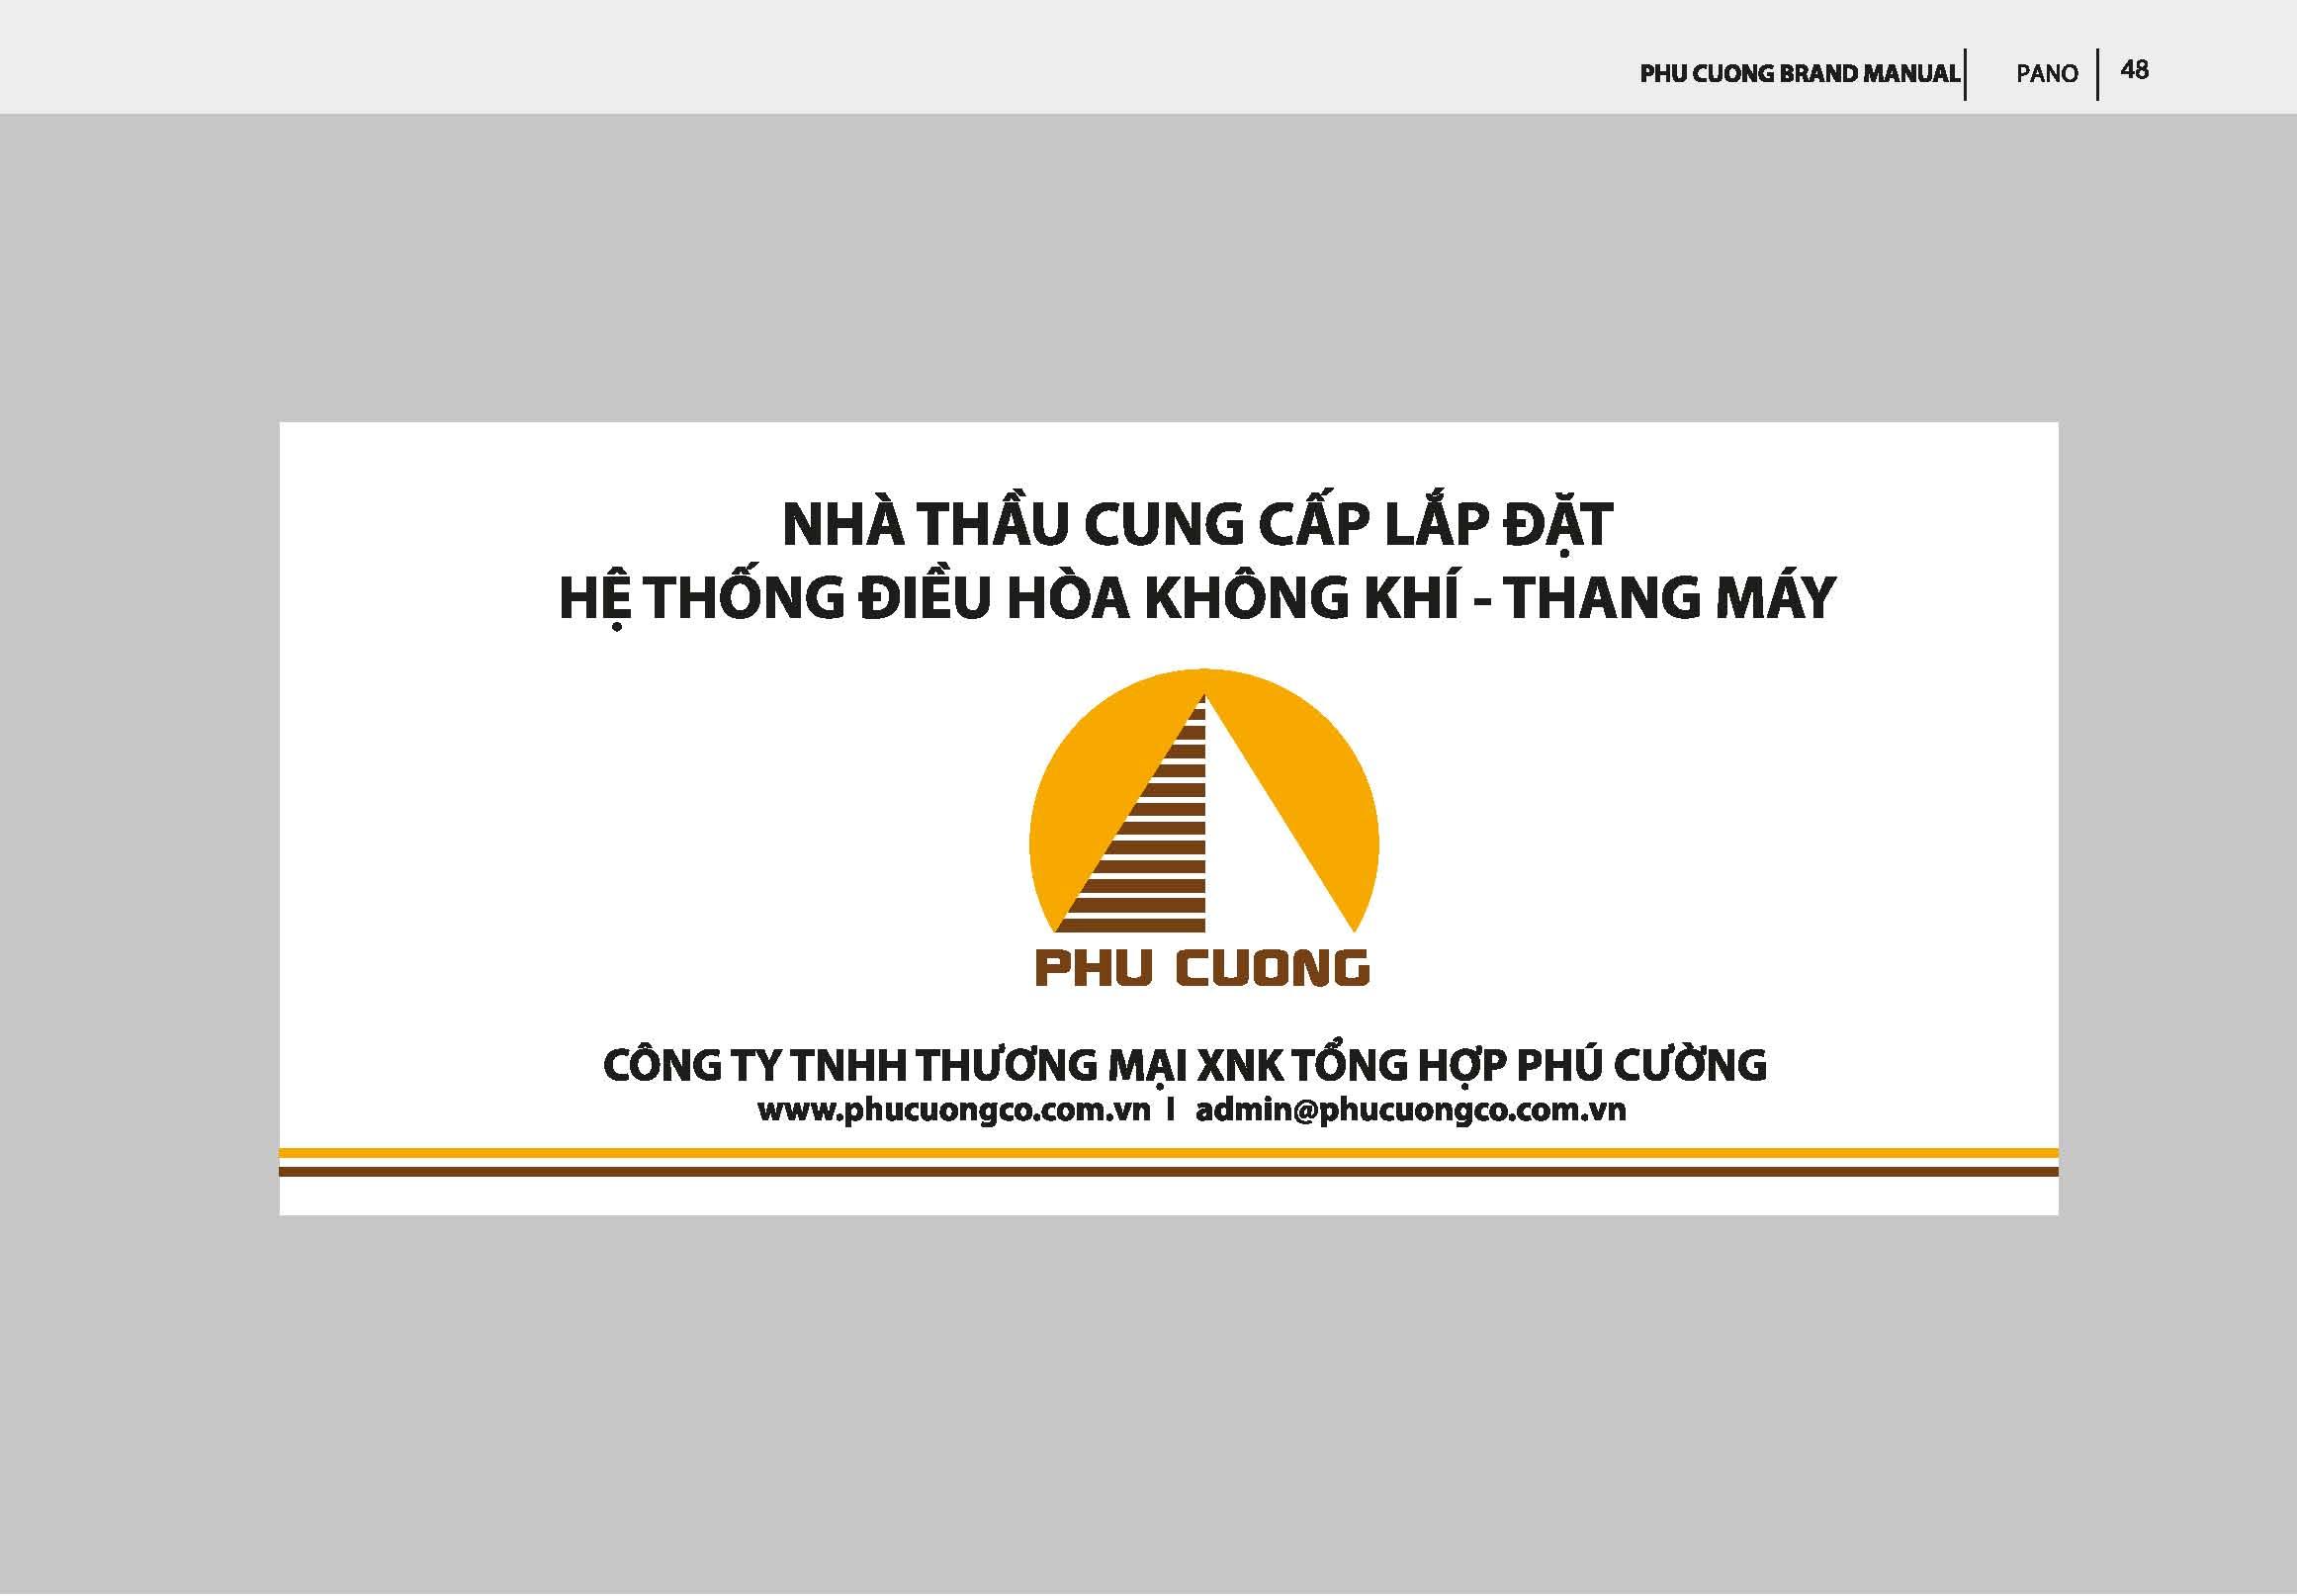 nhan dien thuong hieu Phu Cuong_Page_50